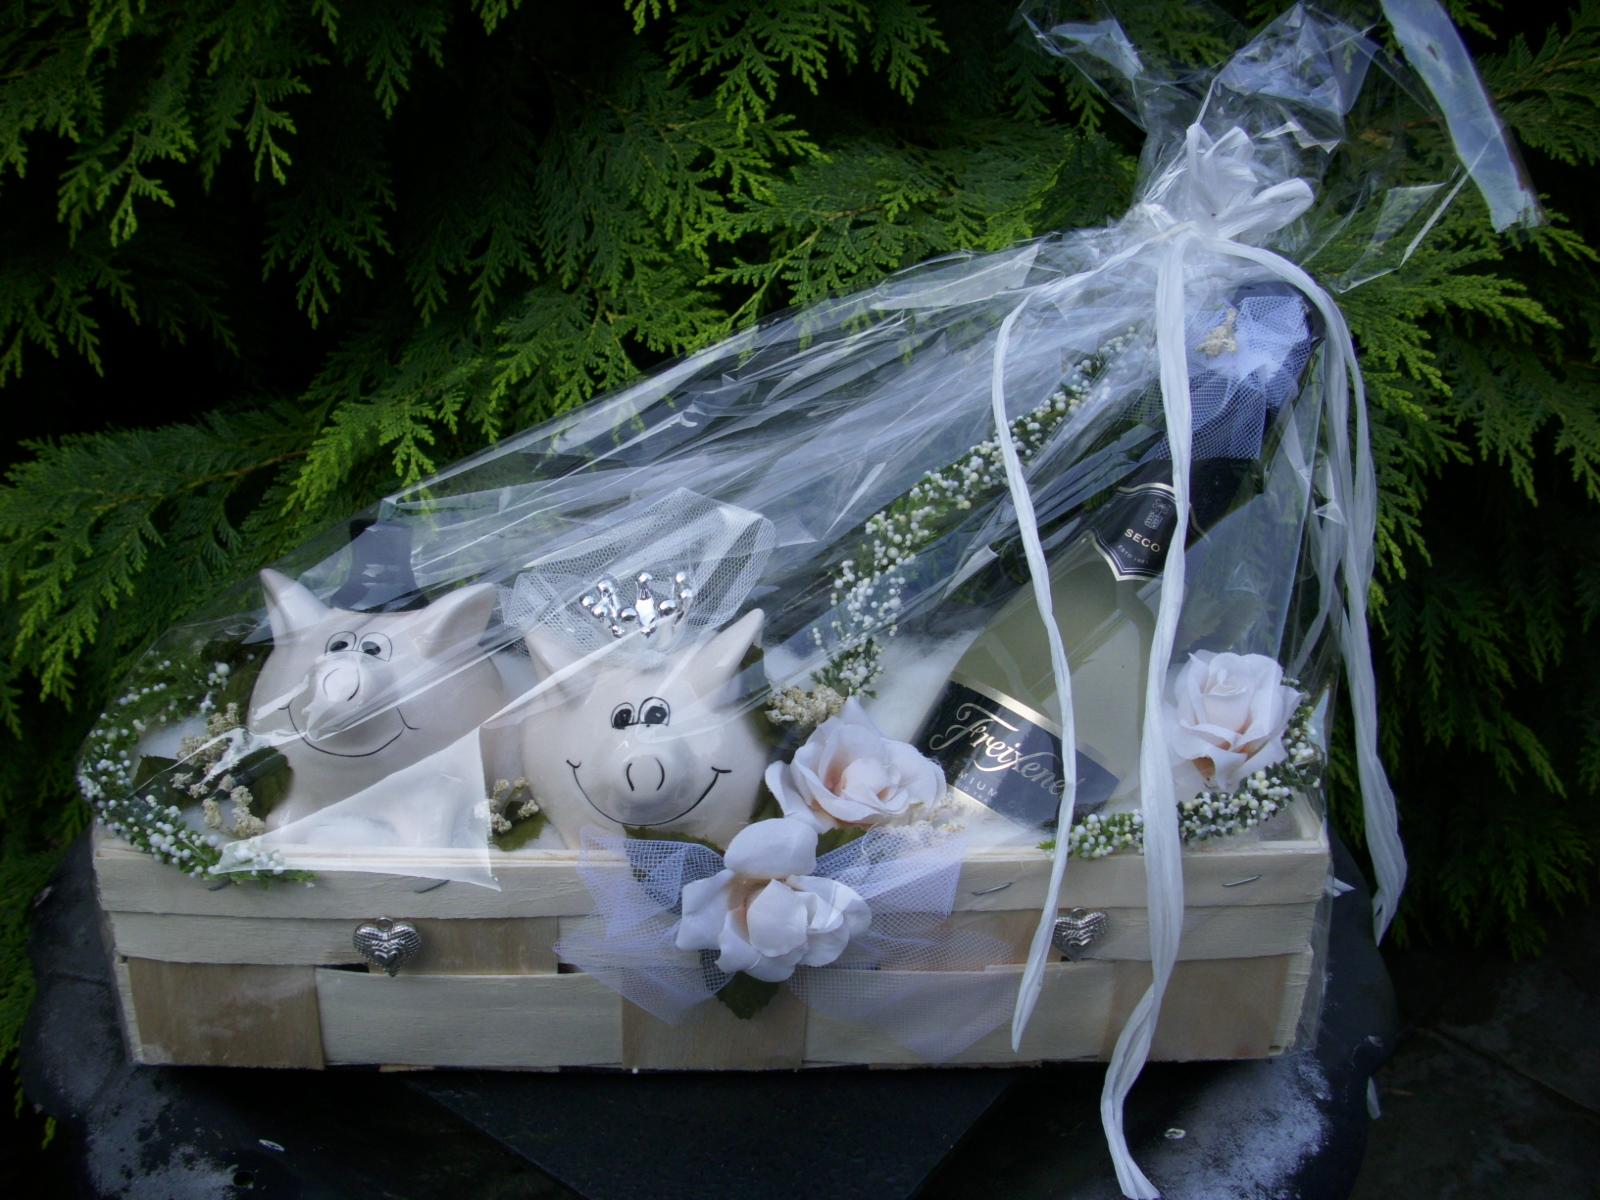 geschenkkorb pr sentkorb rose creme sparschwein piccolo geschenk hochzeit ebay. Black Bedroom Furniture Sets. Home Design Ideas